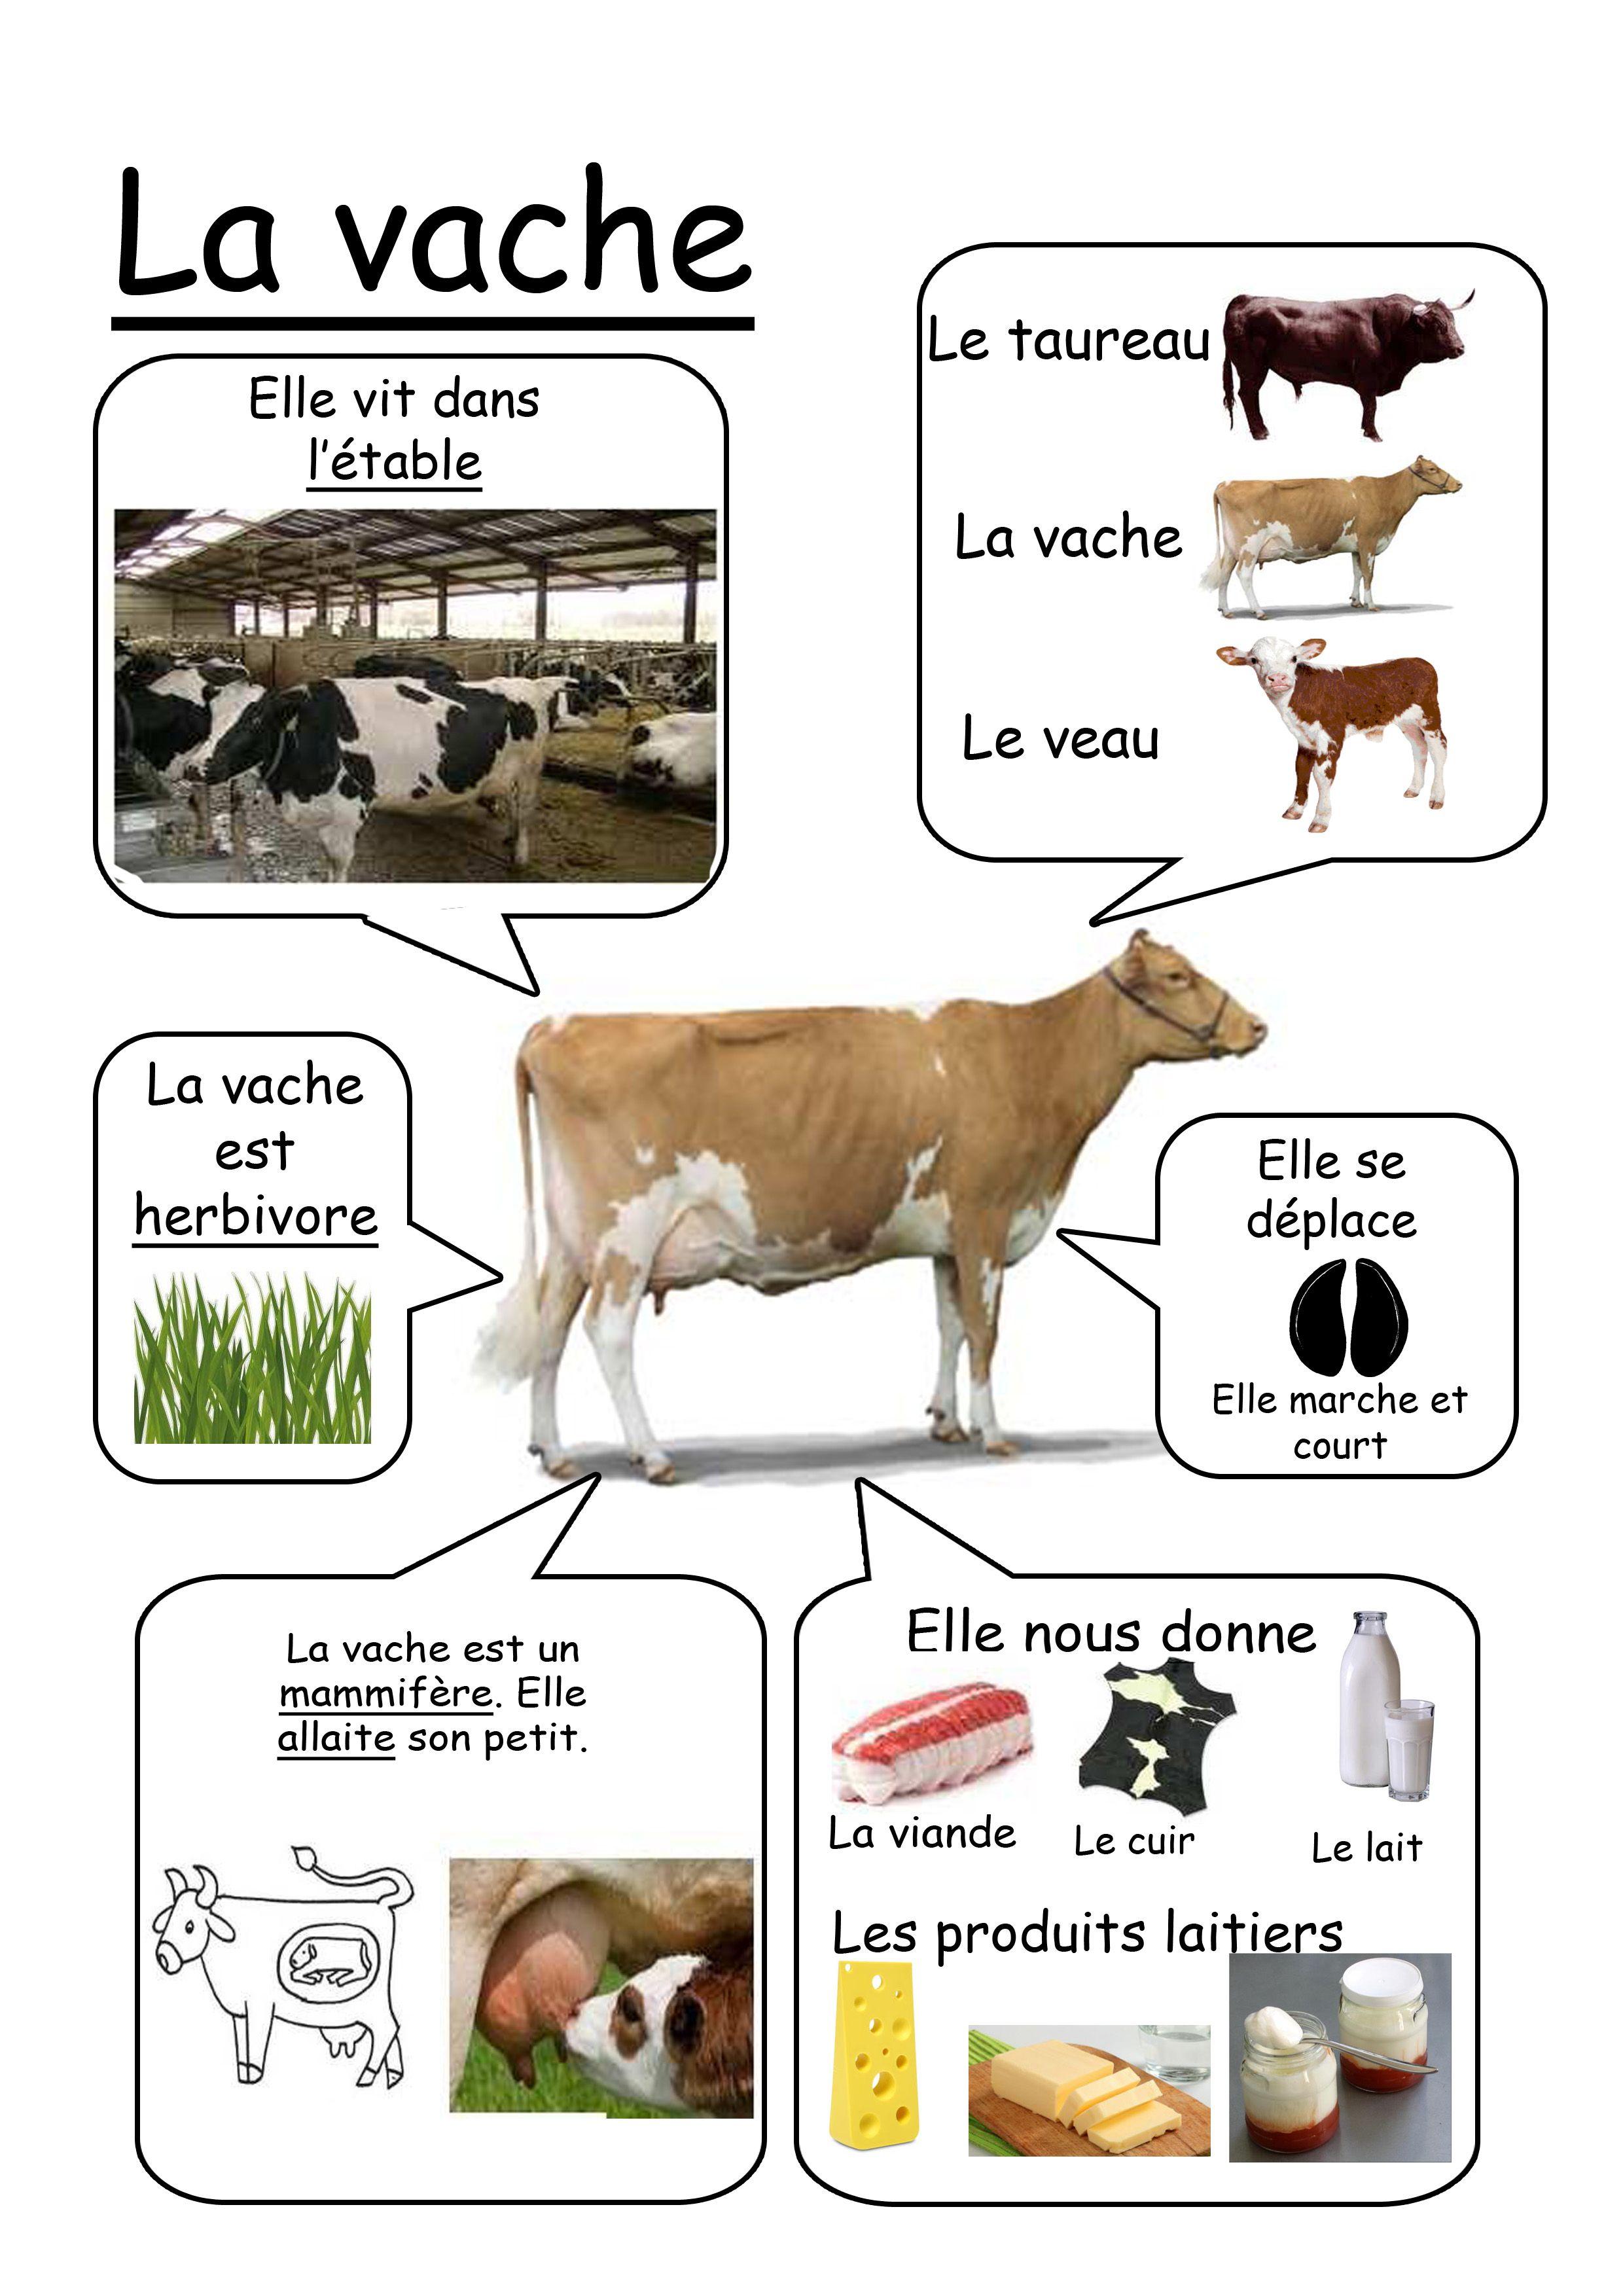 Vache - Animaux de la ferme | DIY kids | Pinterest | Französisch ...